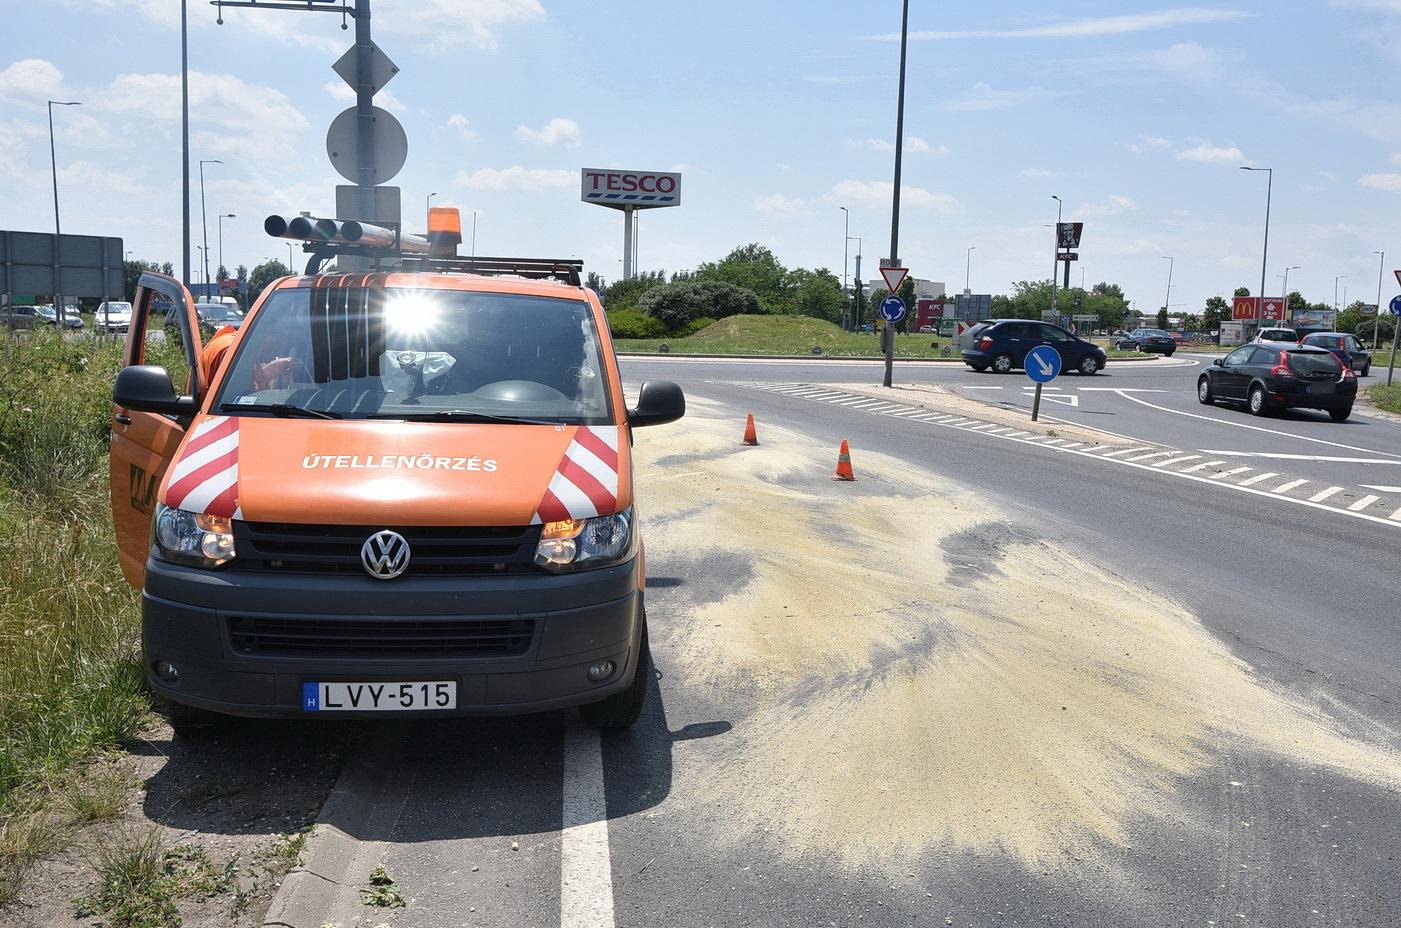 Megcsúszó járművek - Öt liter használt sütőolaj okozott galibát az M86-os autóút bevezetőjén